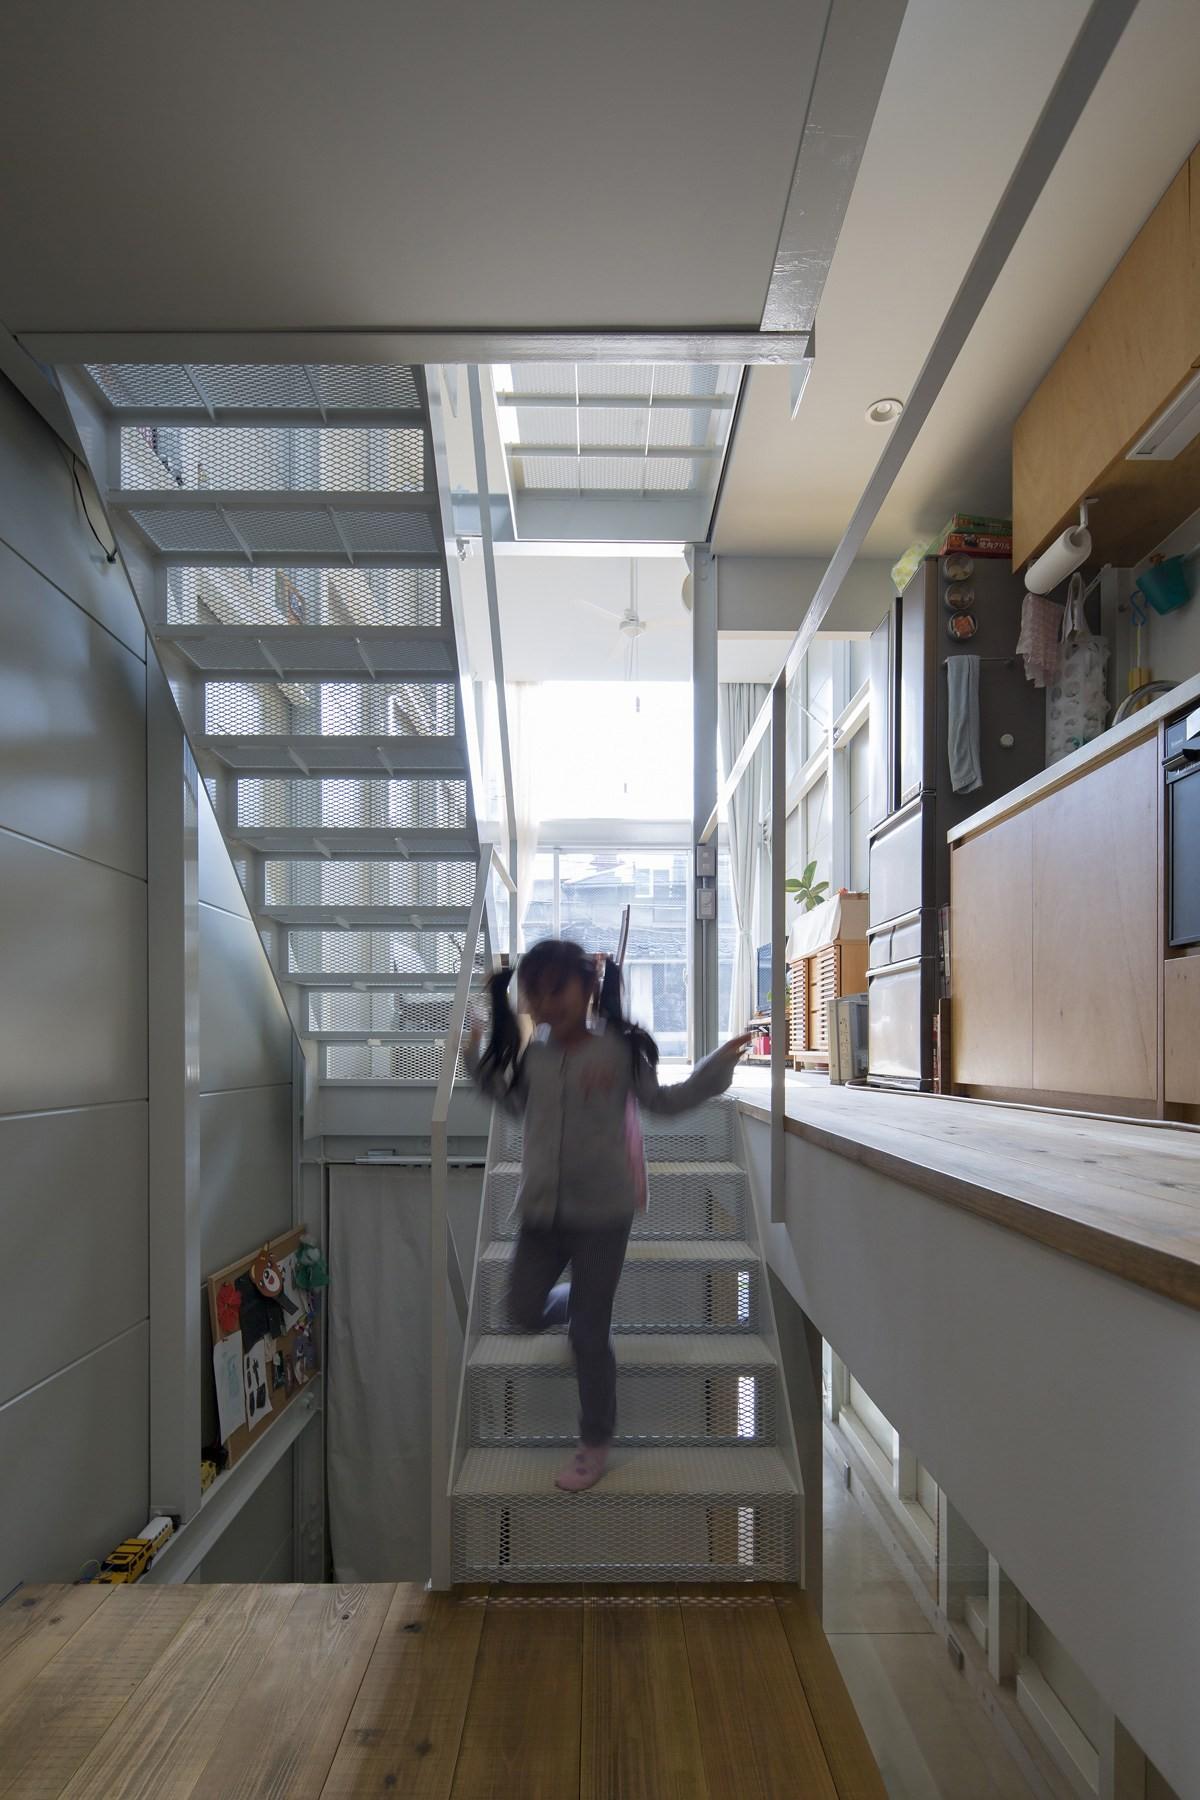 リビングダイニング事例:子供部屋からリビング。(『』の家|鉄骨狭小スキップフロアのガレージハウス【大阪市】)